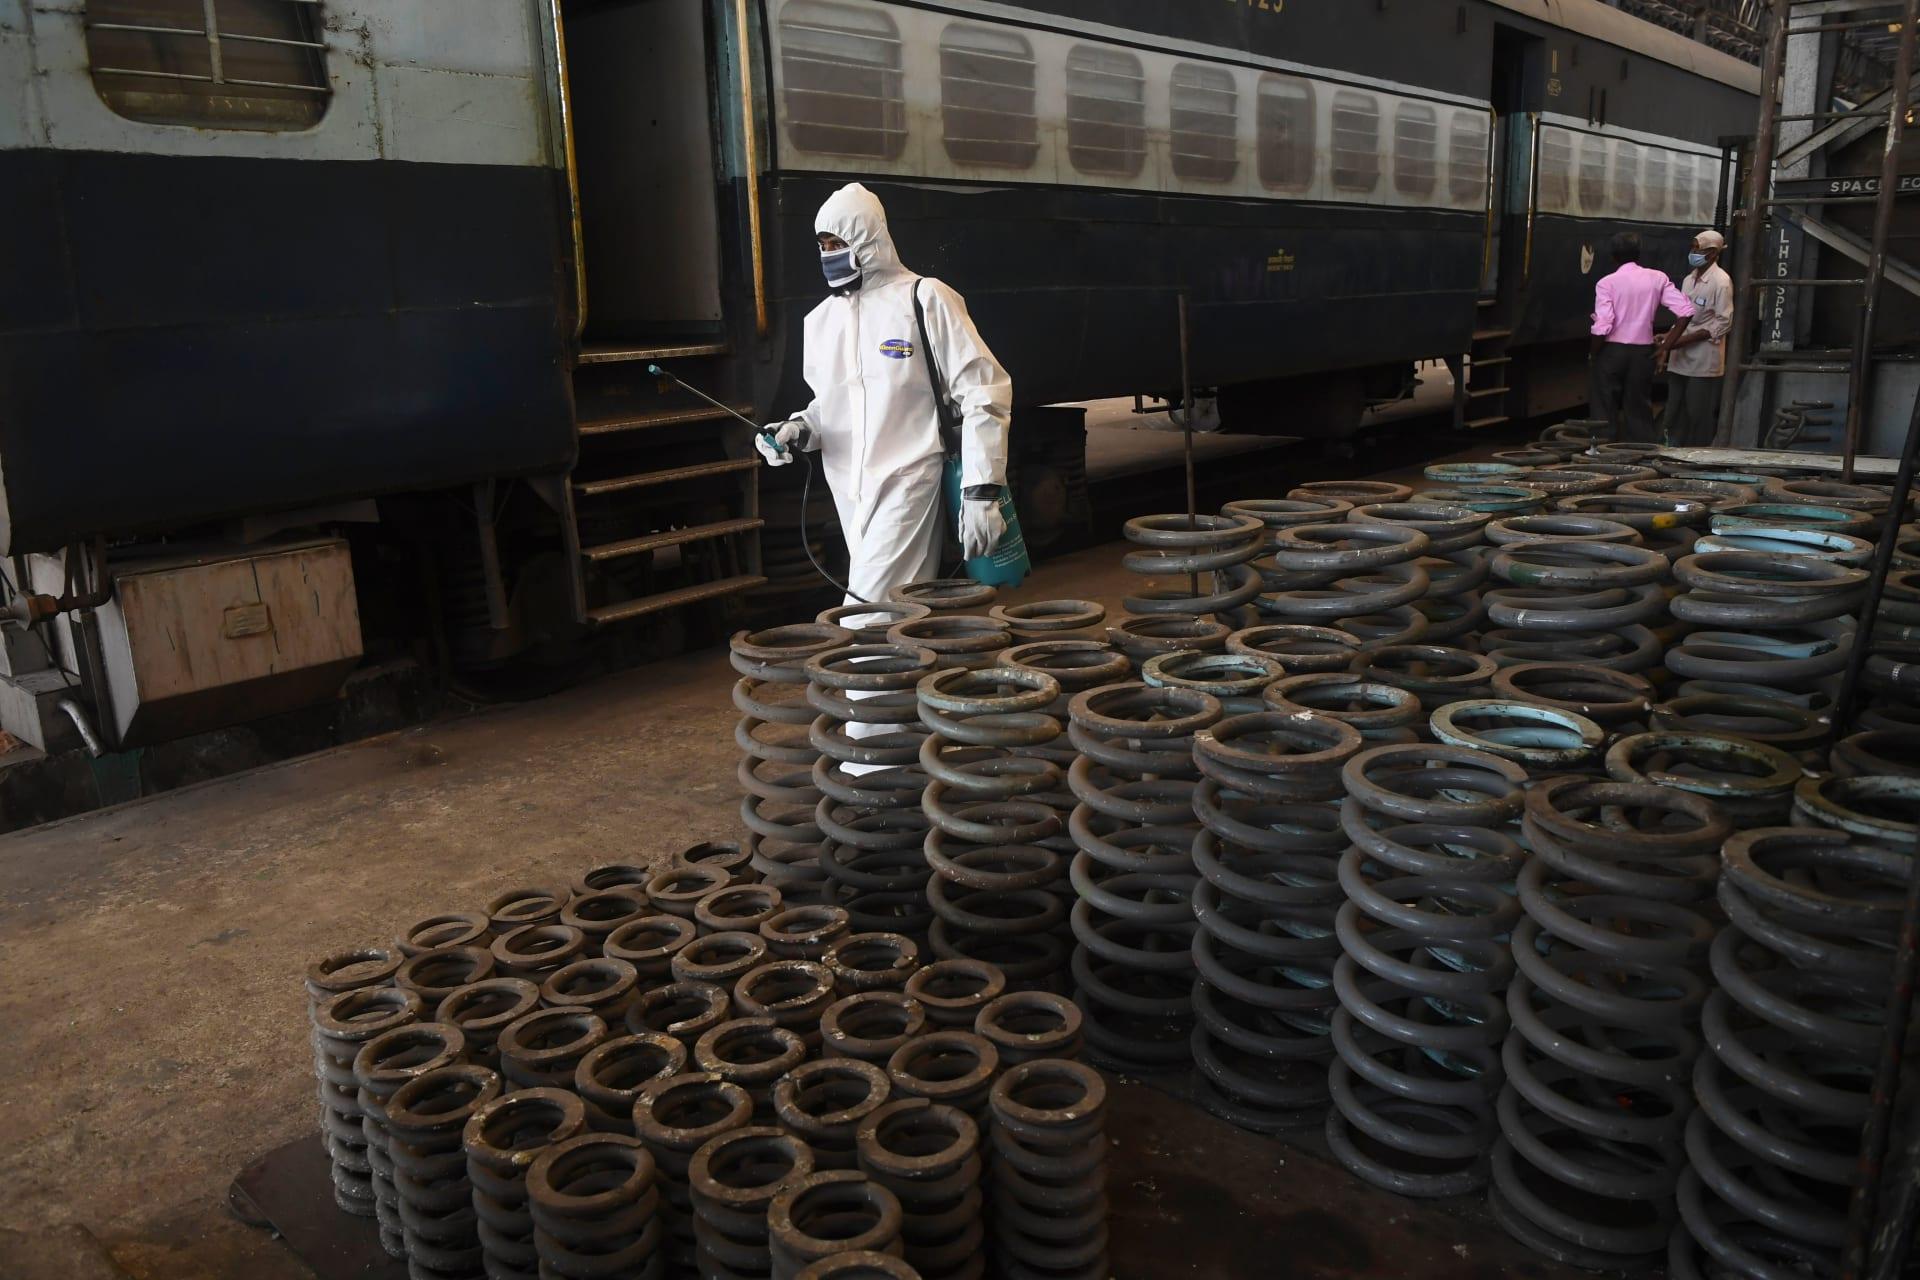 الهند تحول القطارات إلى مستشفيات لاستقبال مرضى فيروس كورونا